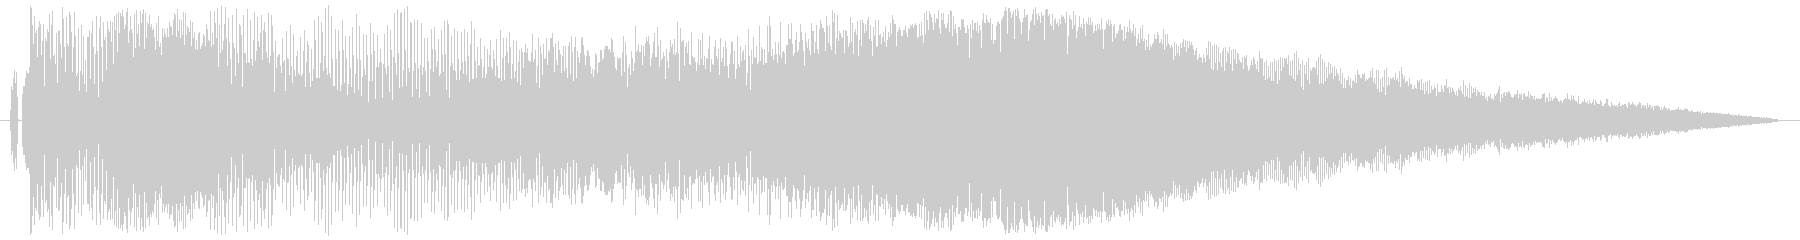 【レース05】ド迫力のエンジン効果音!の未再生の波形